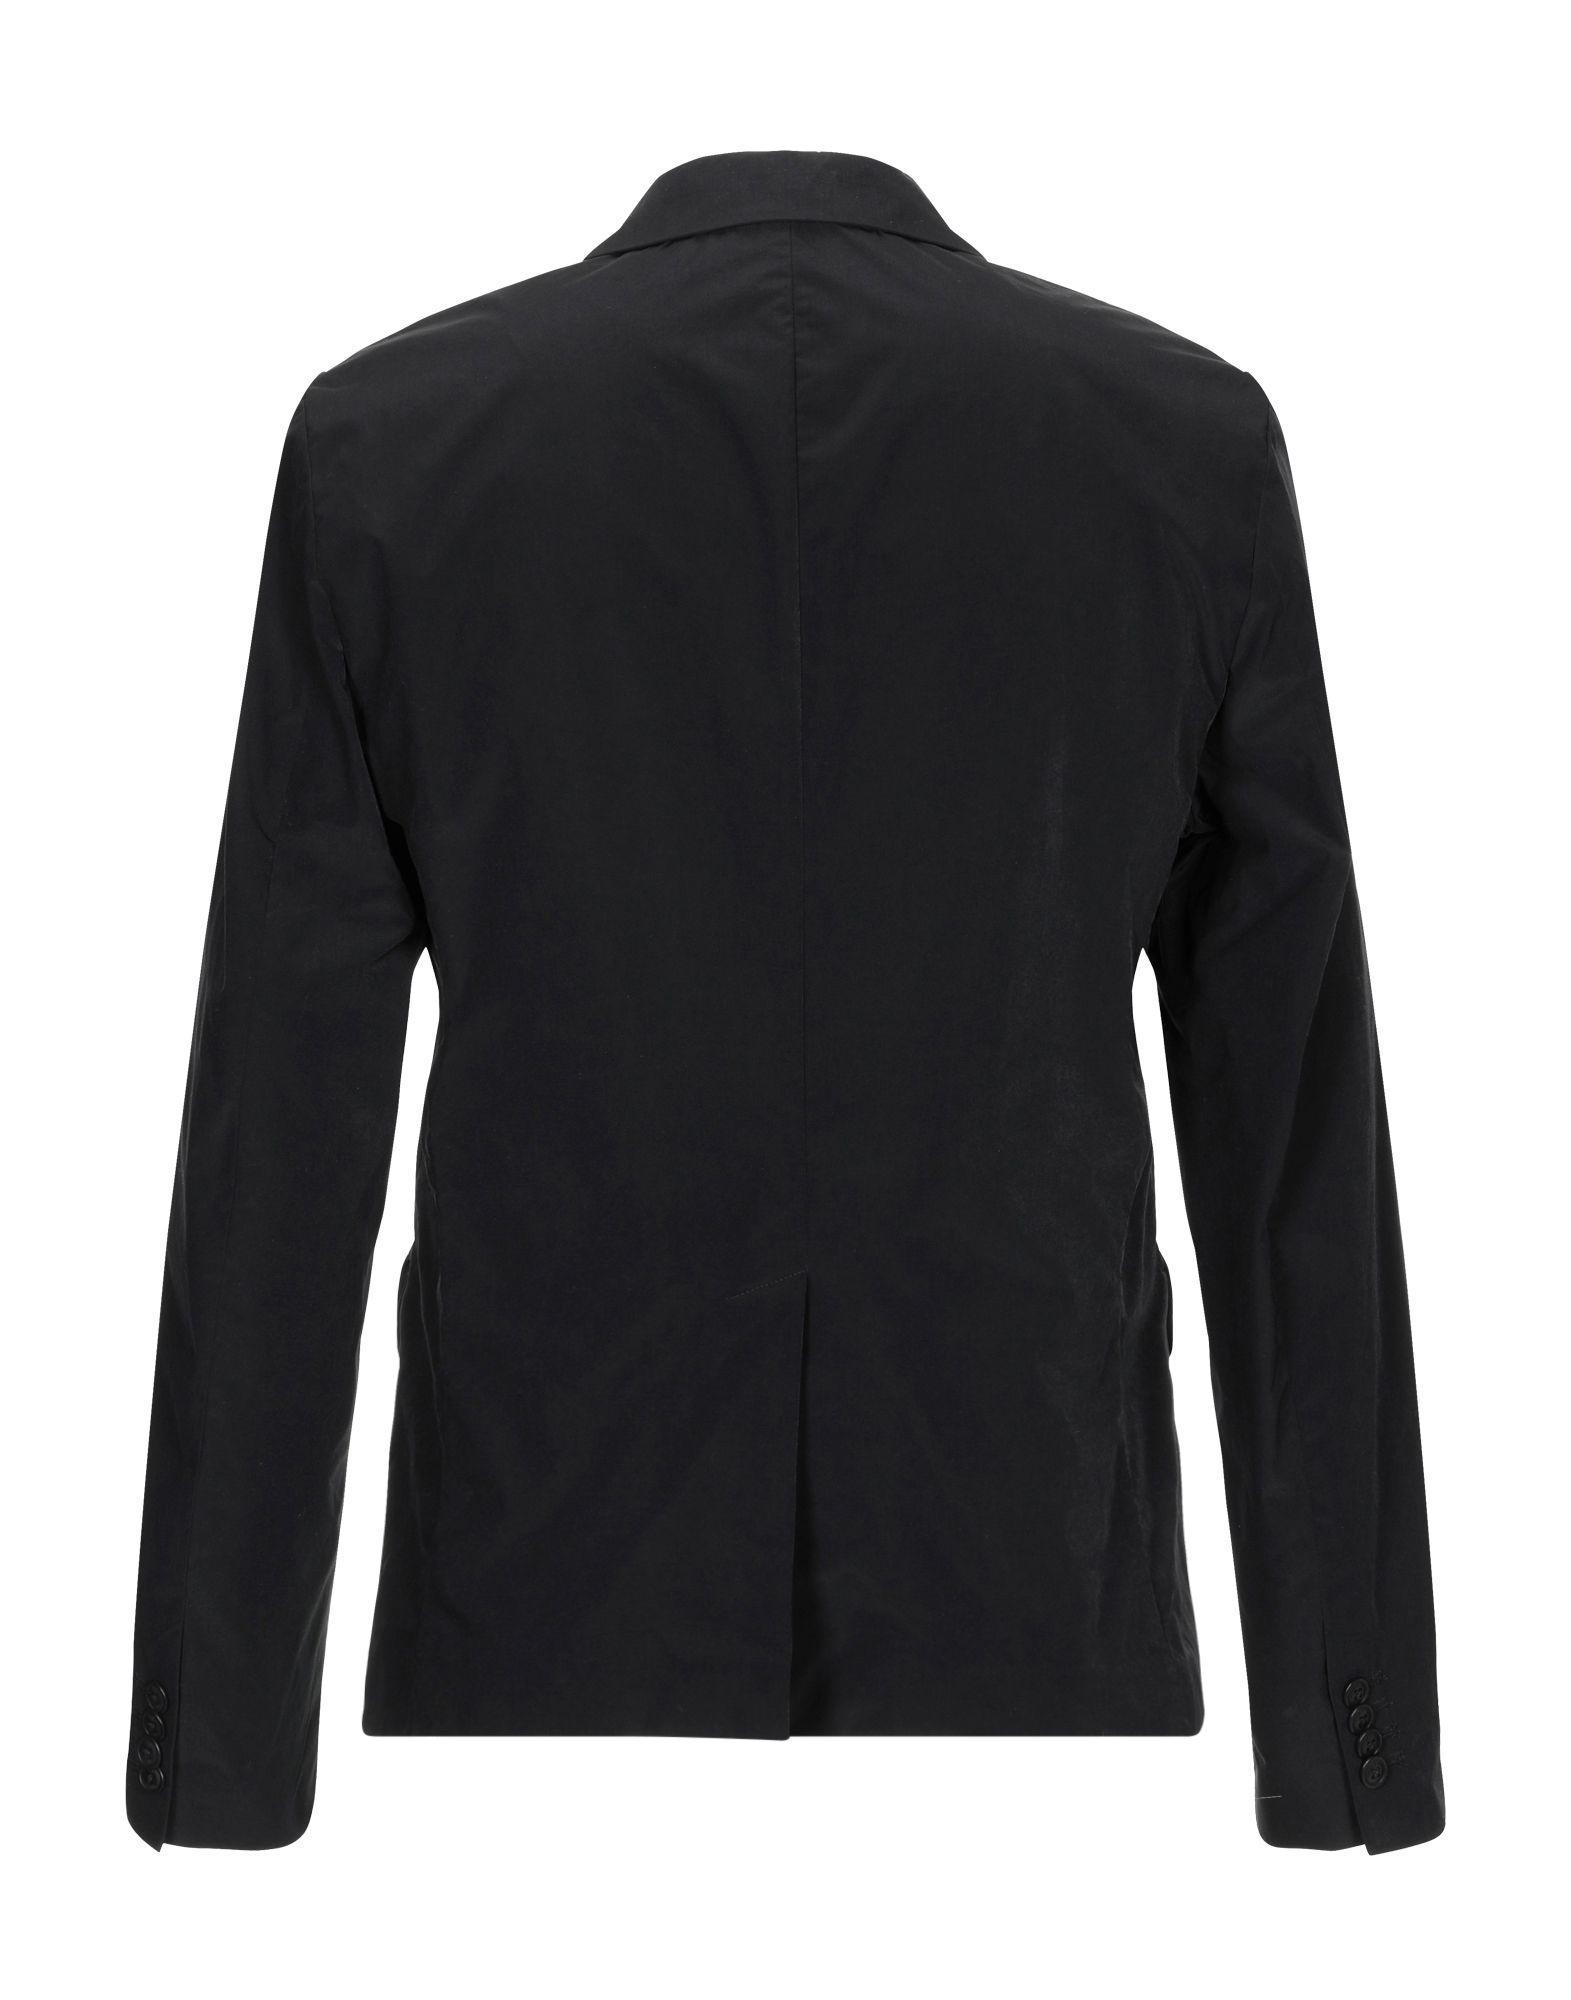 Veste C P Company pour homme en coloris Noir